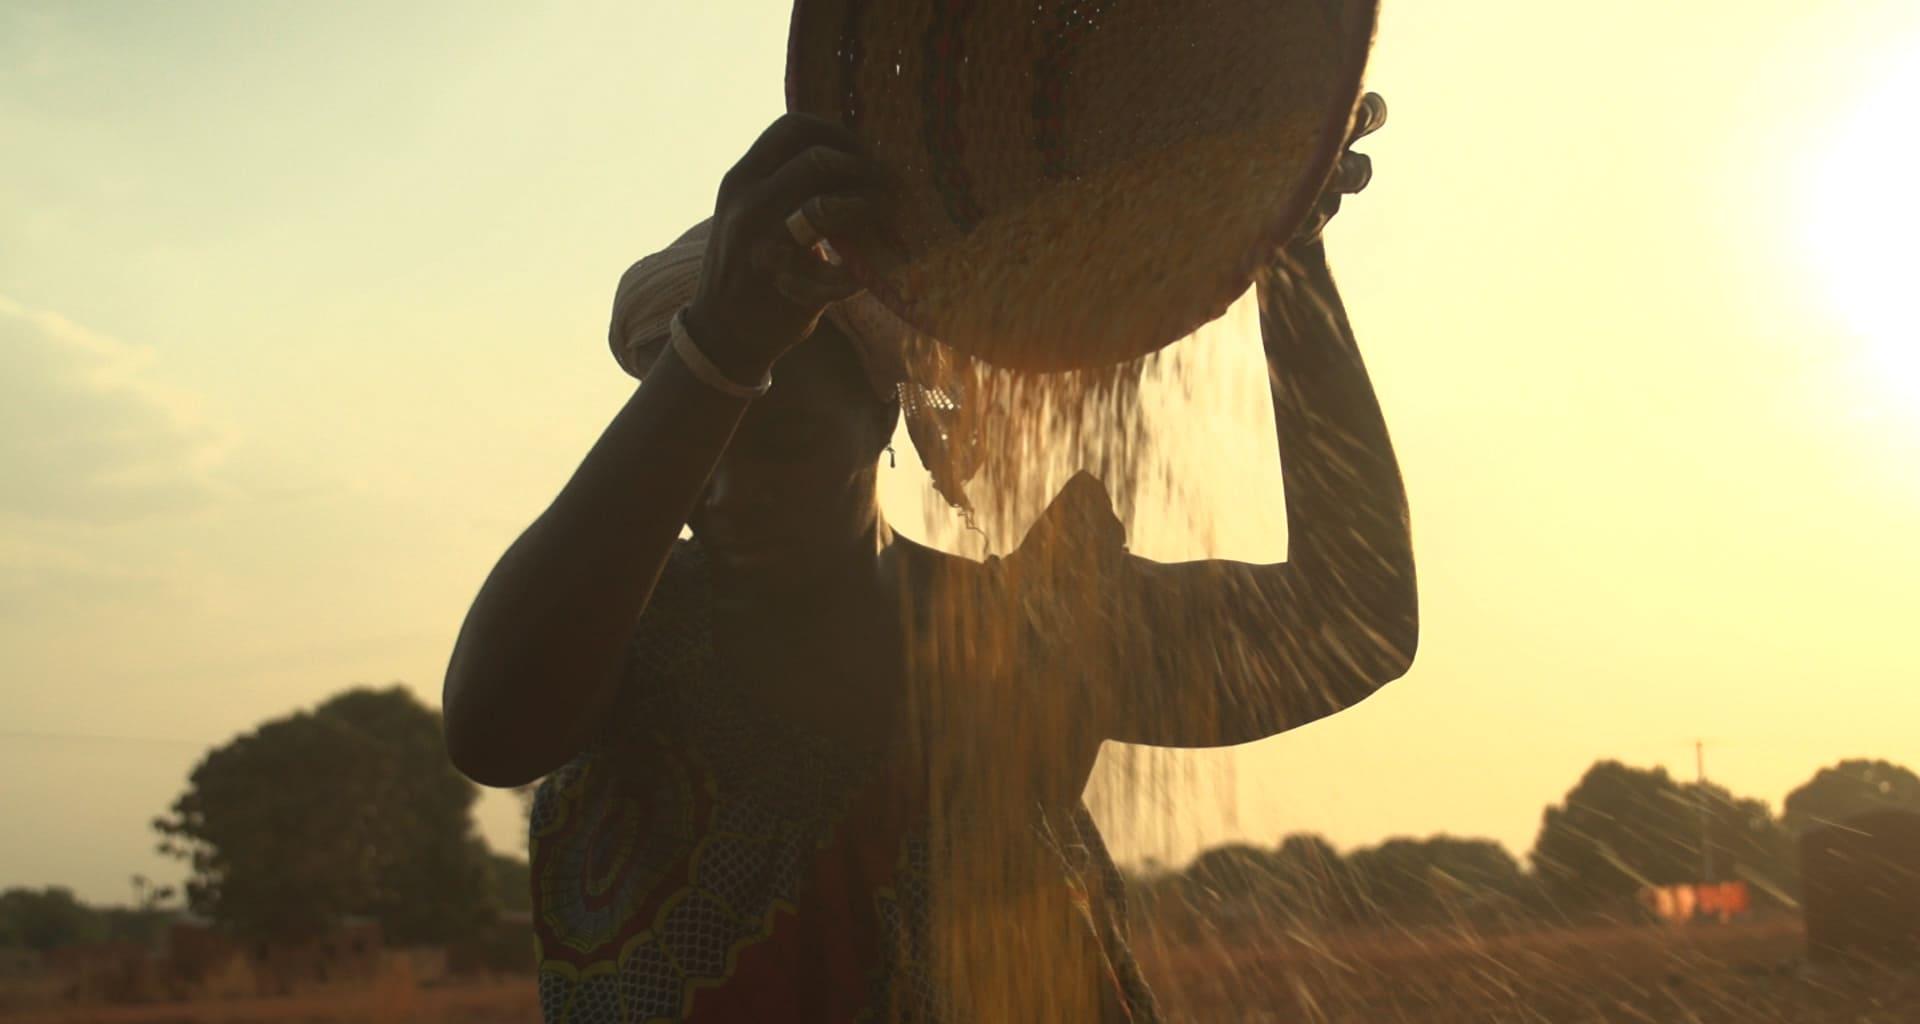 EVI kämpft für eine Welt ohne armutsbedingte Krankheiten